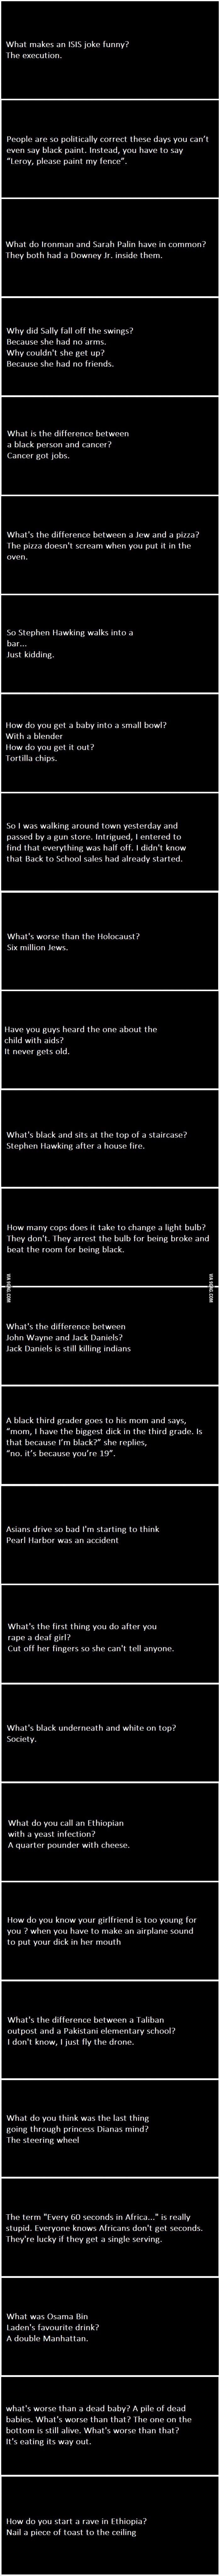 Dark humor jokes part 1 - 9GAG